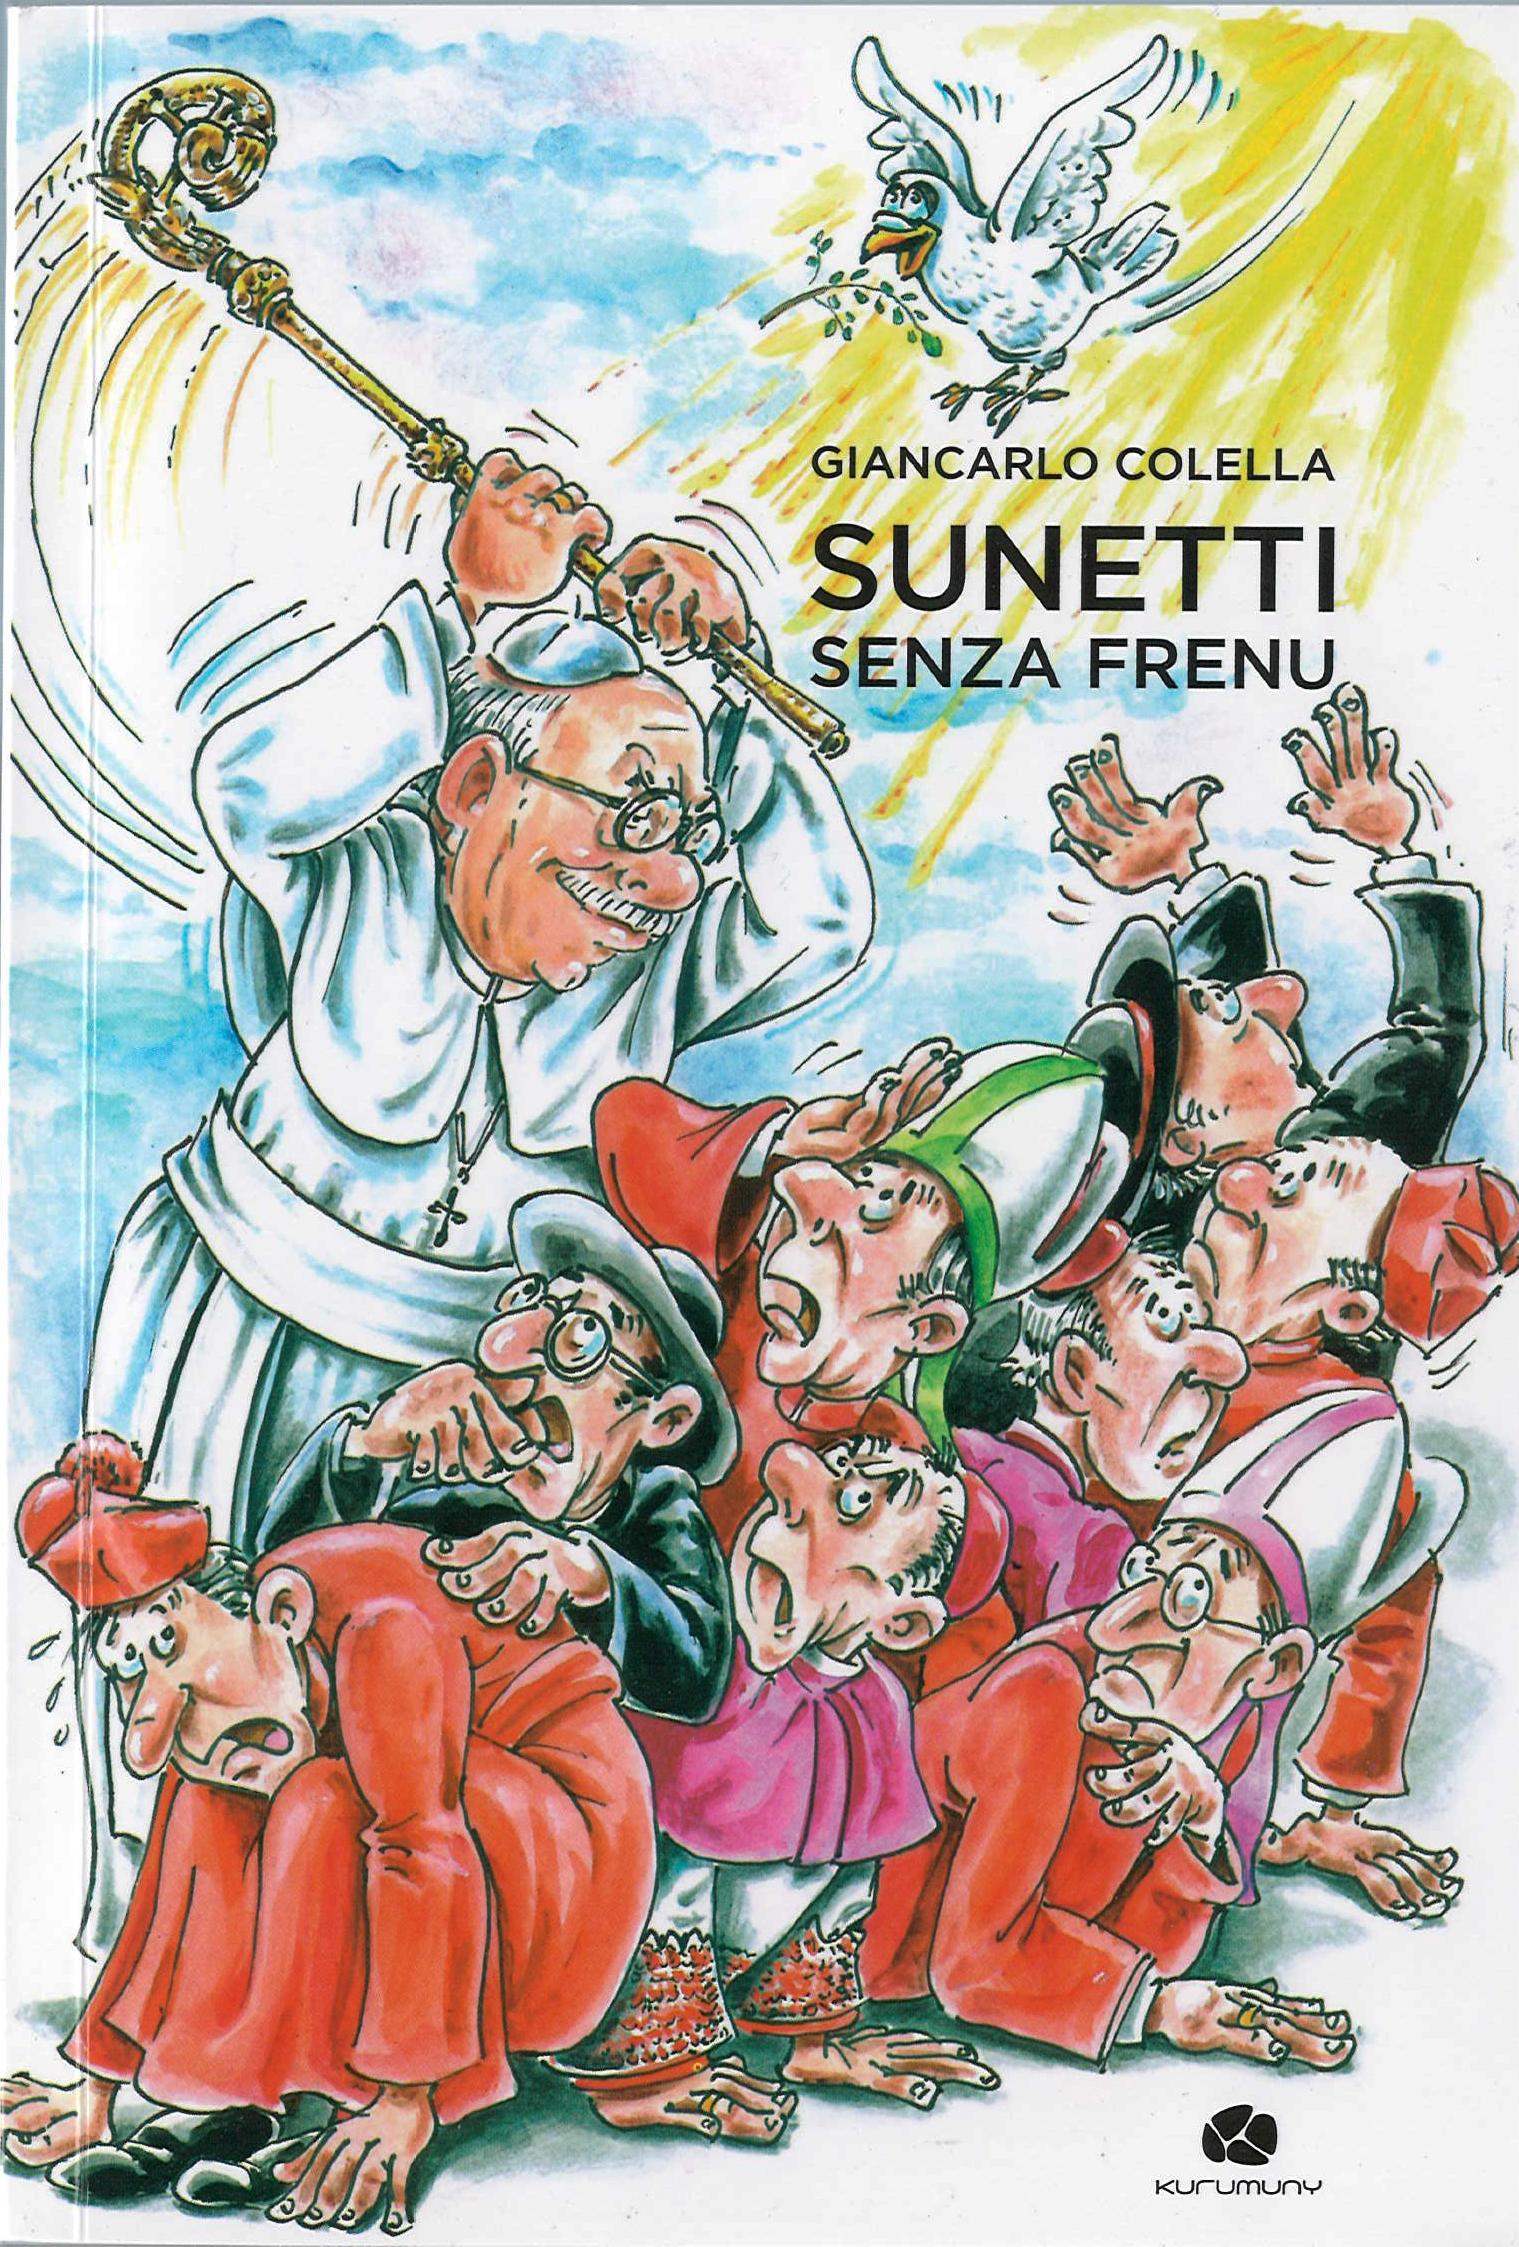 copertina del volume (illustrazione di E. Ferramosca)